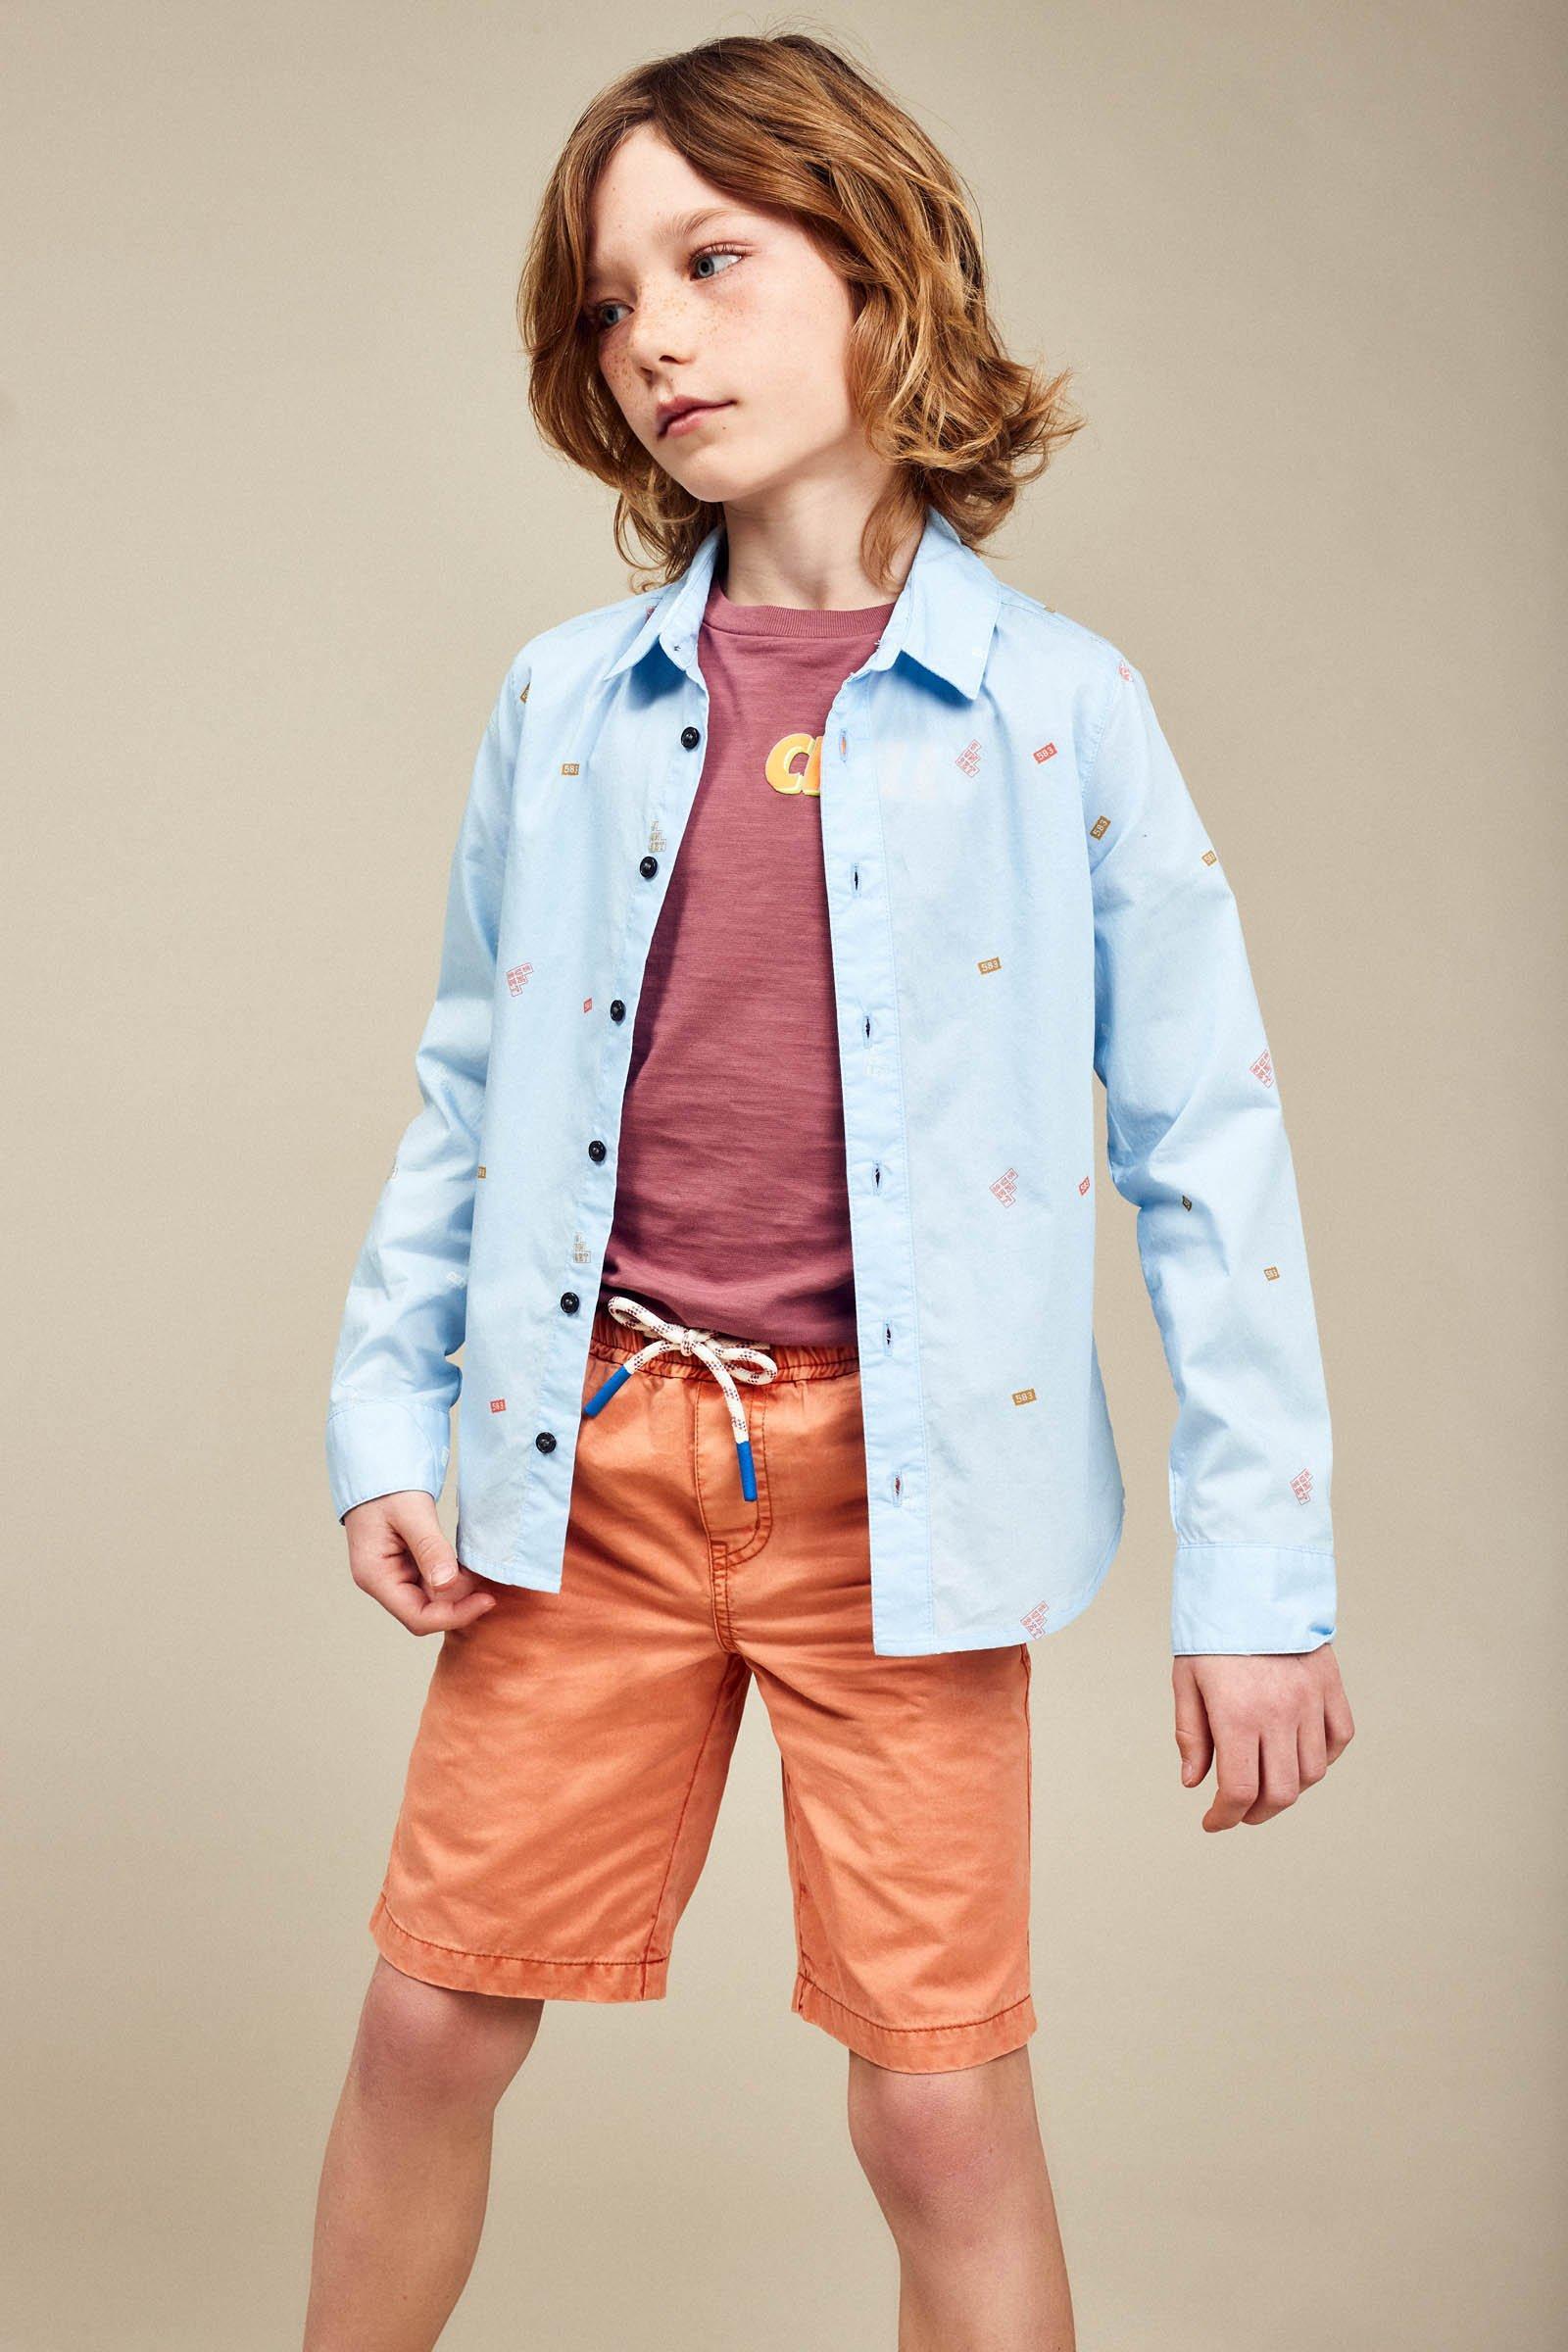 CKS Kids - BOTAN - shirt lange mouwen - blauw